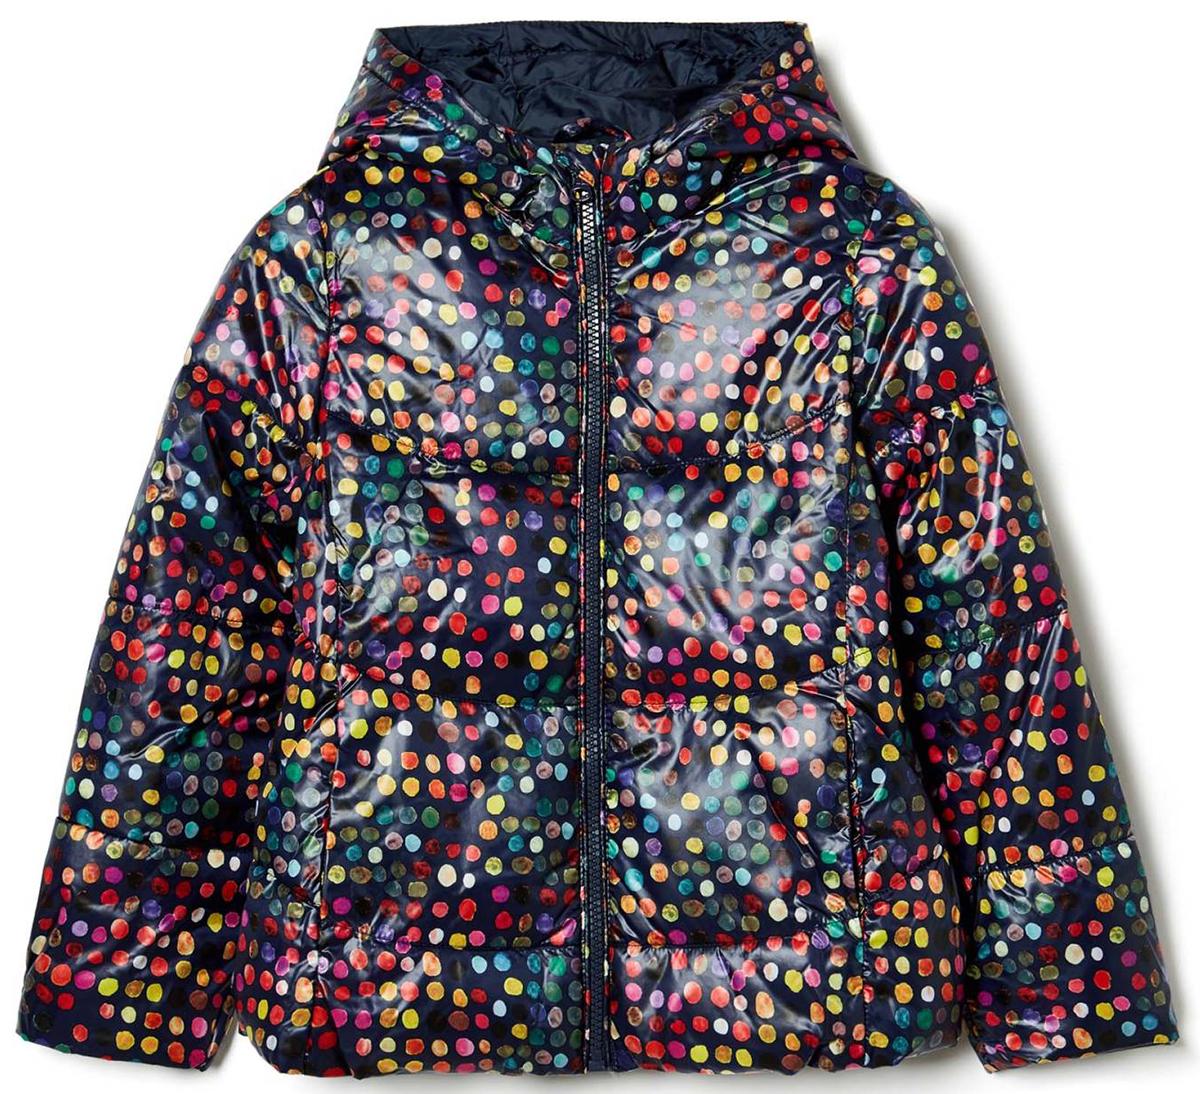 Куртка для девочки United Colors of Benetton, цвет: мультиколор. 2DZR53AM0_902. Размер 1002DZR53AM0_902Куртка для девочки United Colors of Benetton выполнена из полиэстера. Модель с капюшоном застегивается на застежку-молнию.